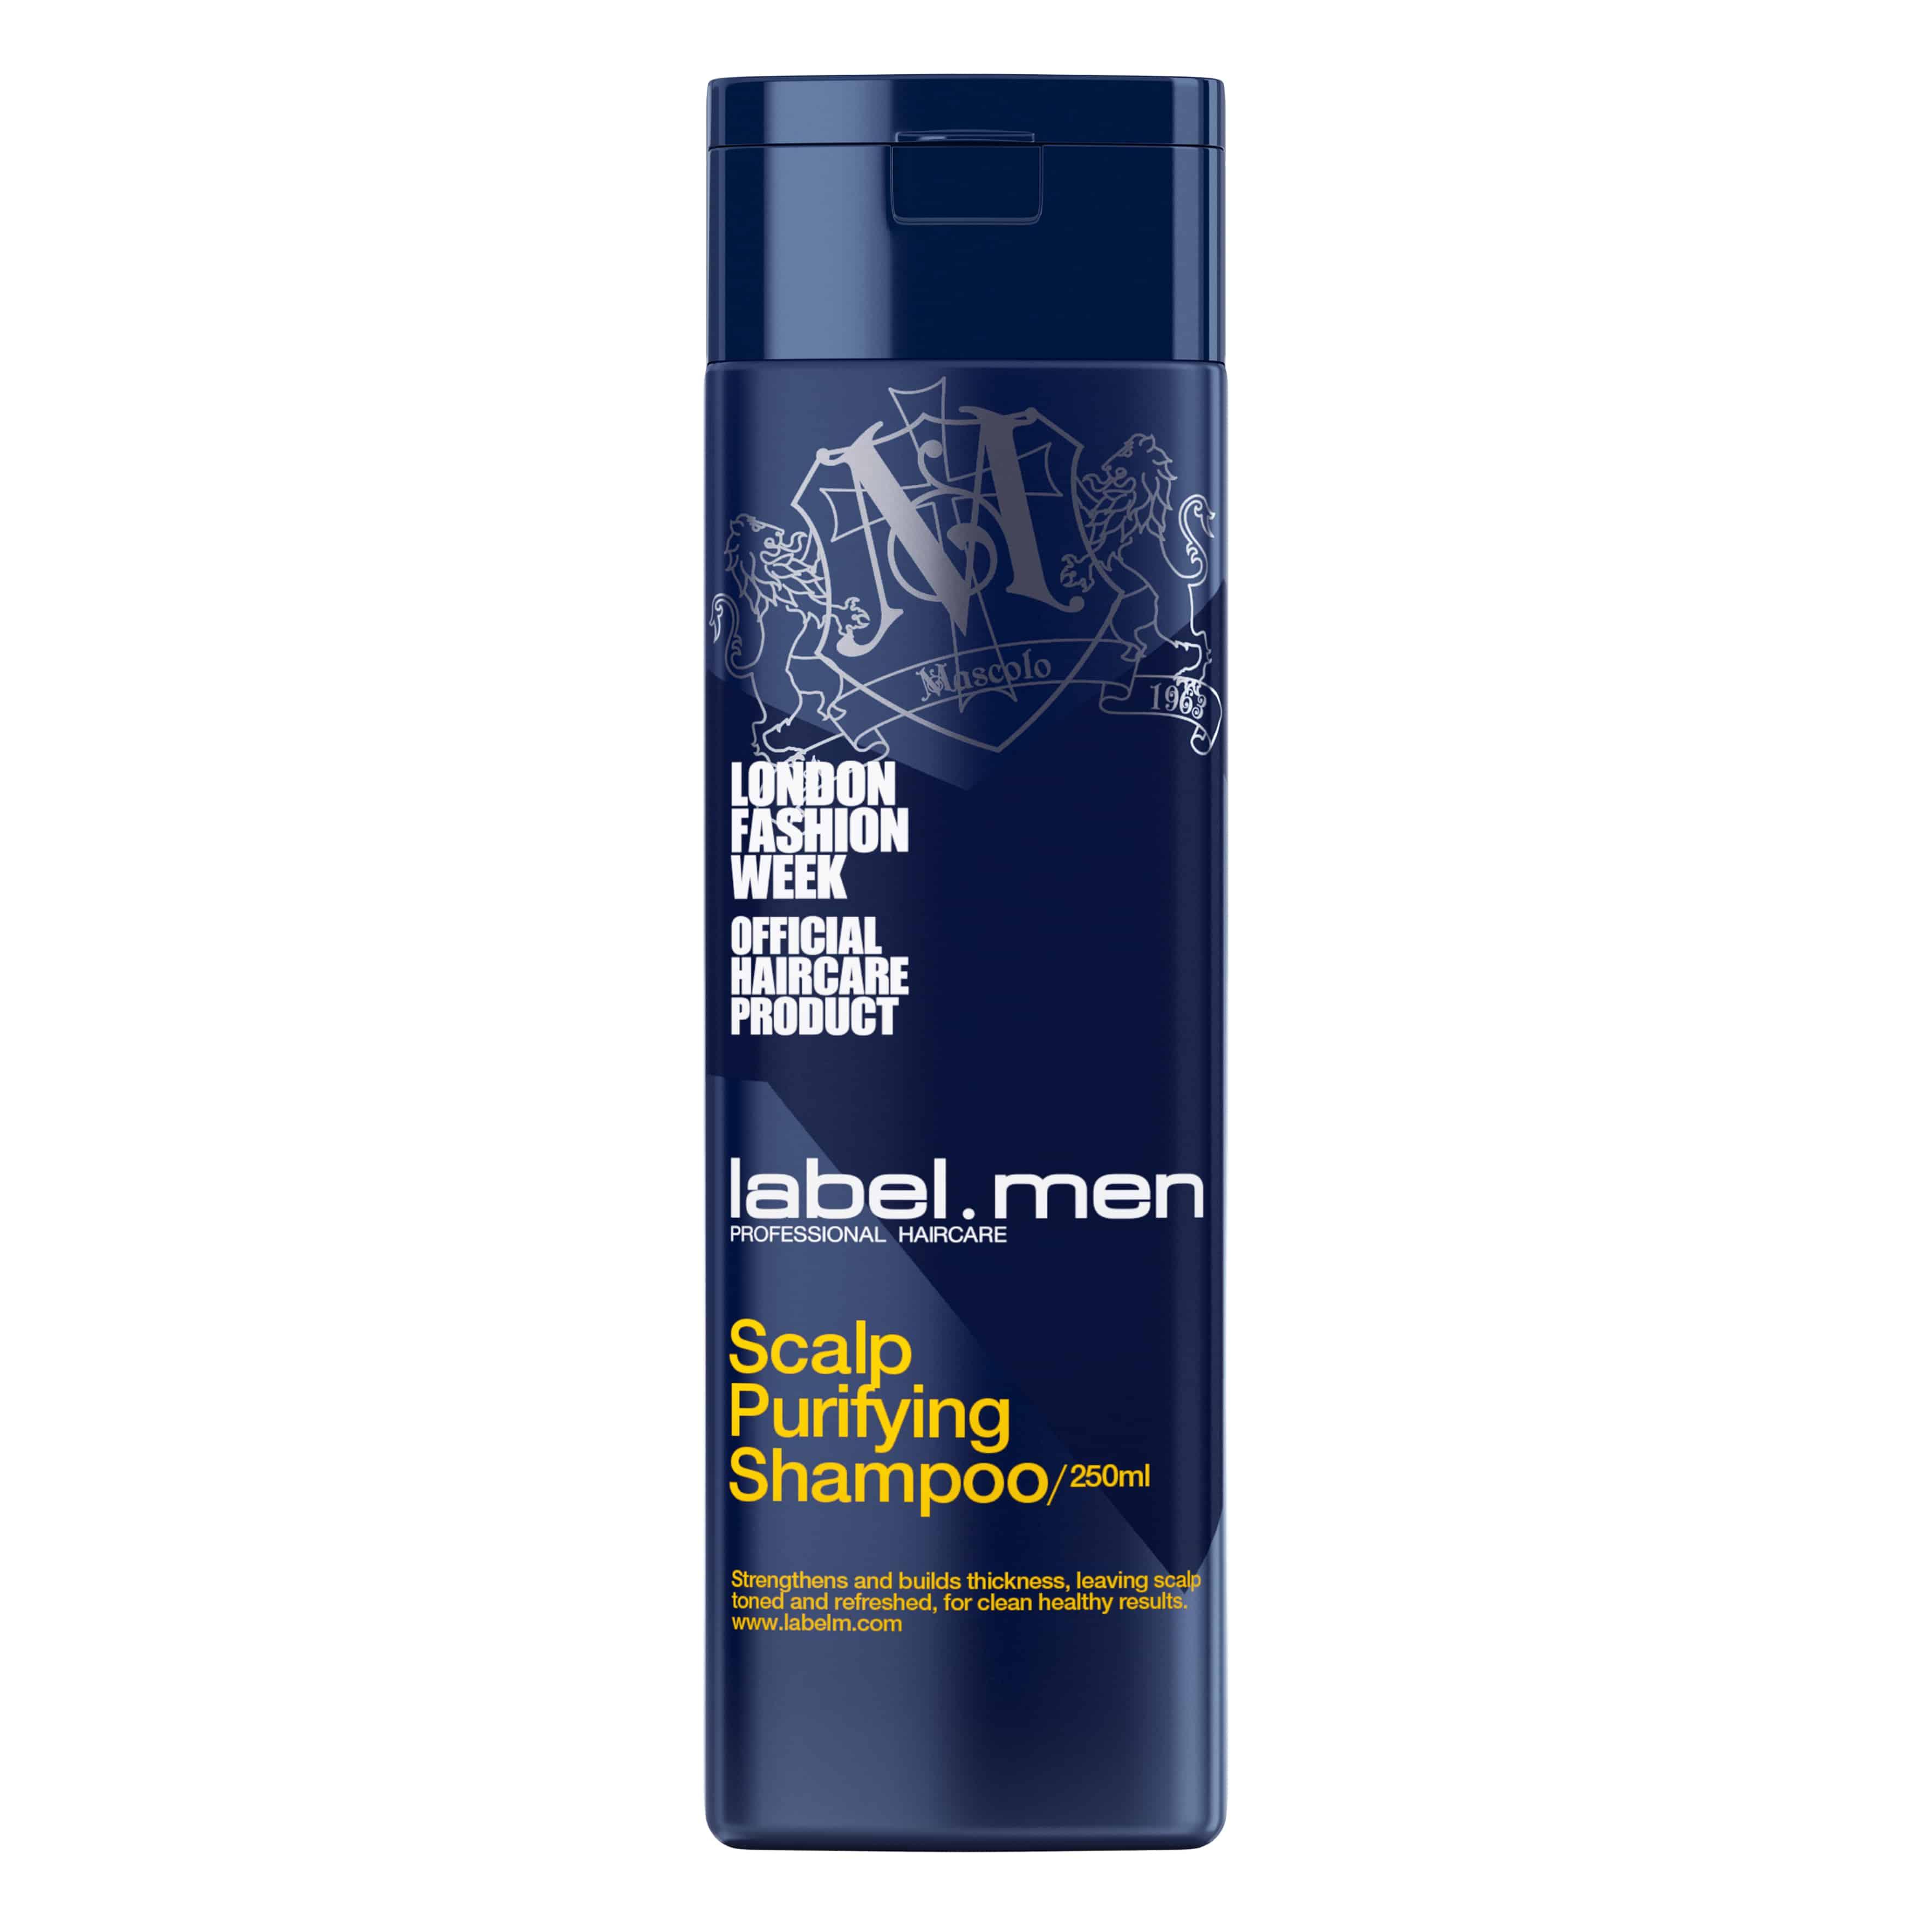 שמפו סקאלפ פיוריפייניג - ניקוי עדין ויומיומי לכל סוגי השיער מחזק ומעבה את השיער משאיר את הקרקפת רגועה וללא קשקשים